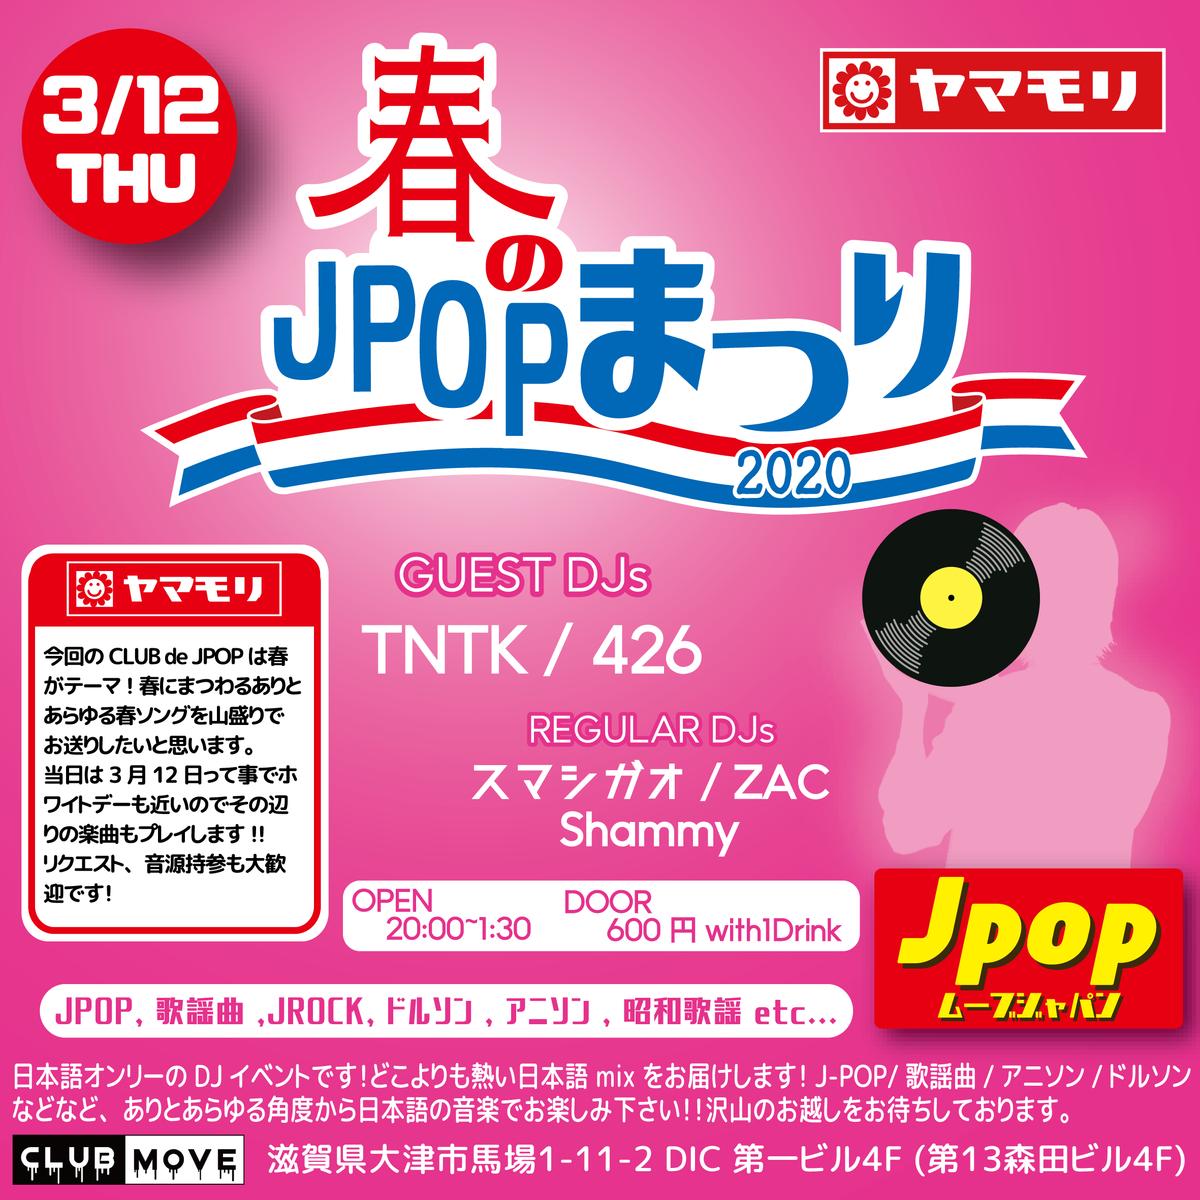 f:id:dj_sumashigao:20200226004758p:plain